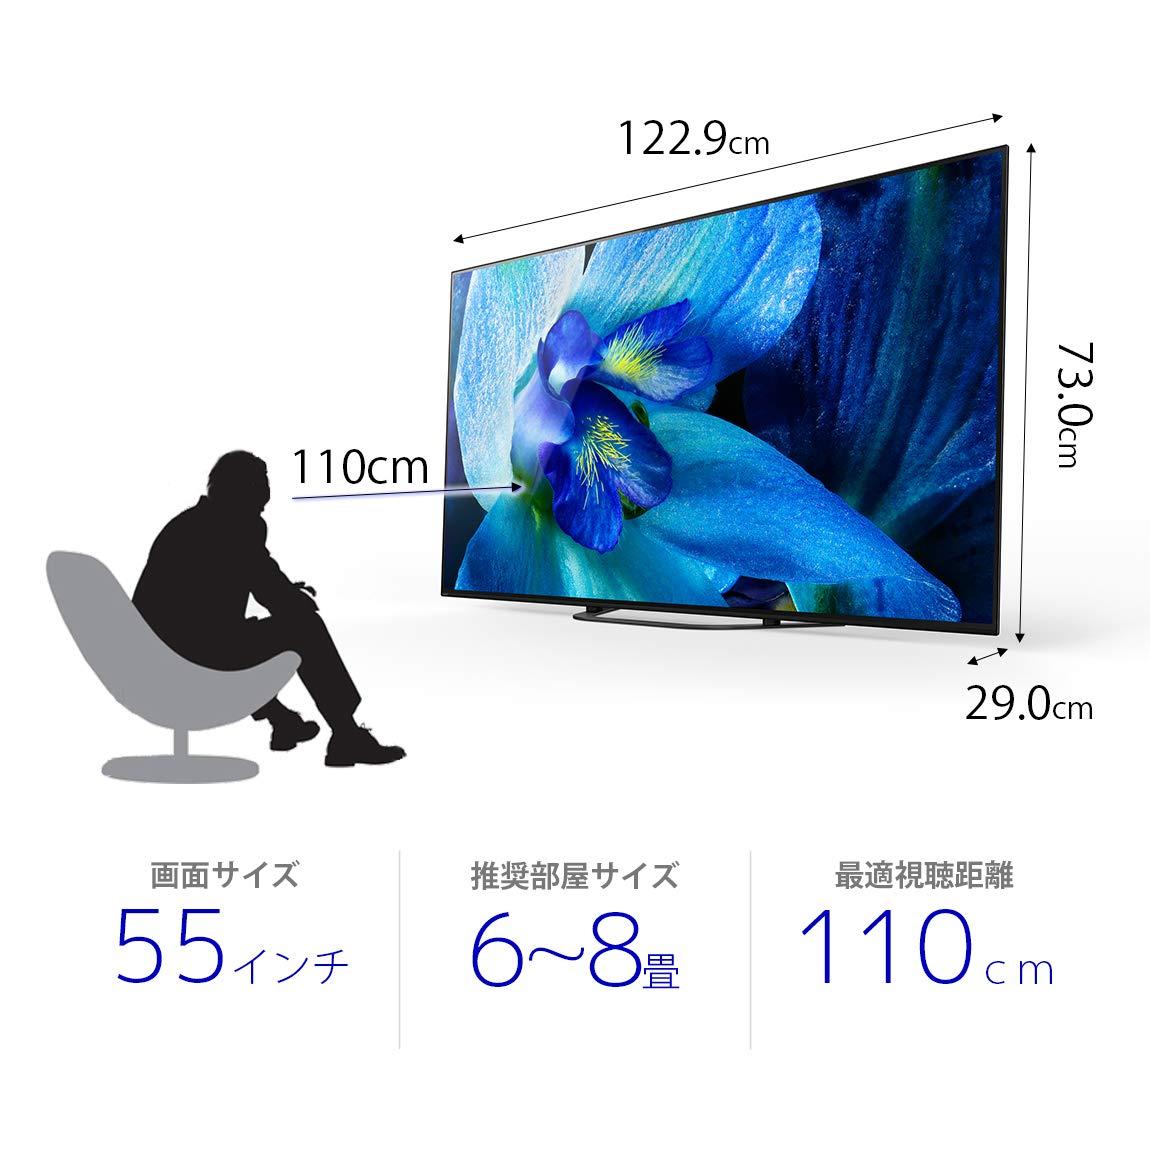 4Kテレビ サイズと視聴距離